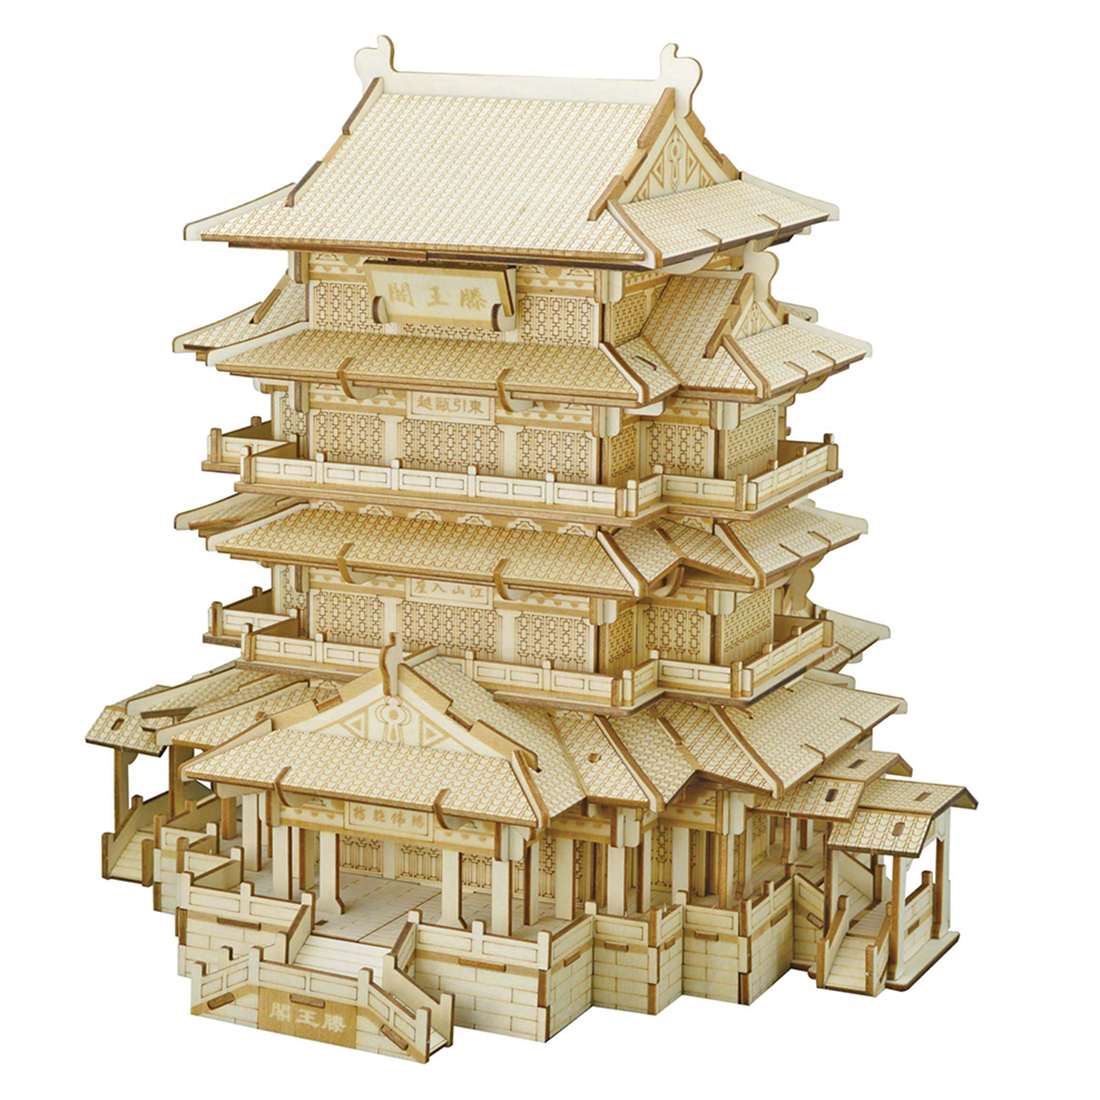 Puzzle de découpe Laser de haute précision 3D en bois Style chinois thème Puzzle Tengwang pavillon Puzzle Puzzles en bois jouets pour enfants